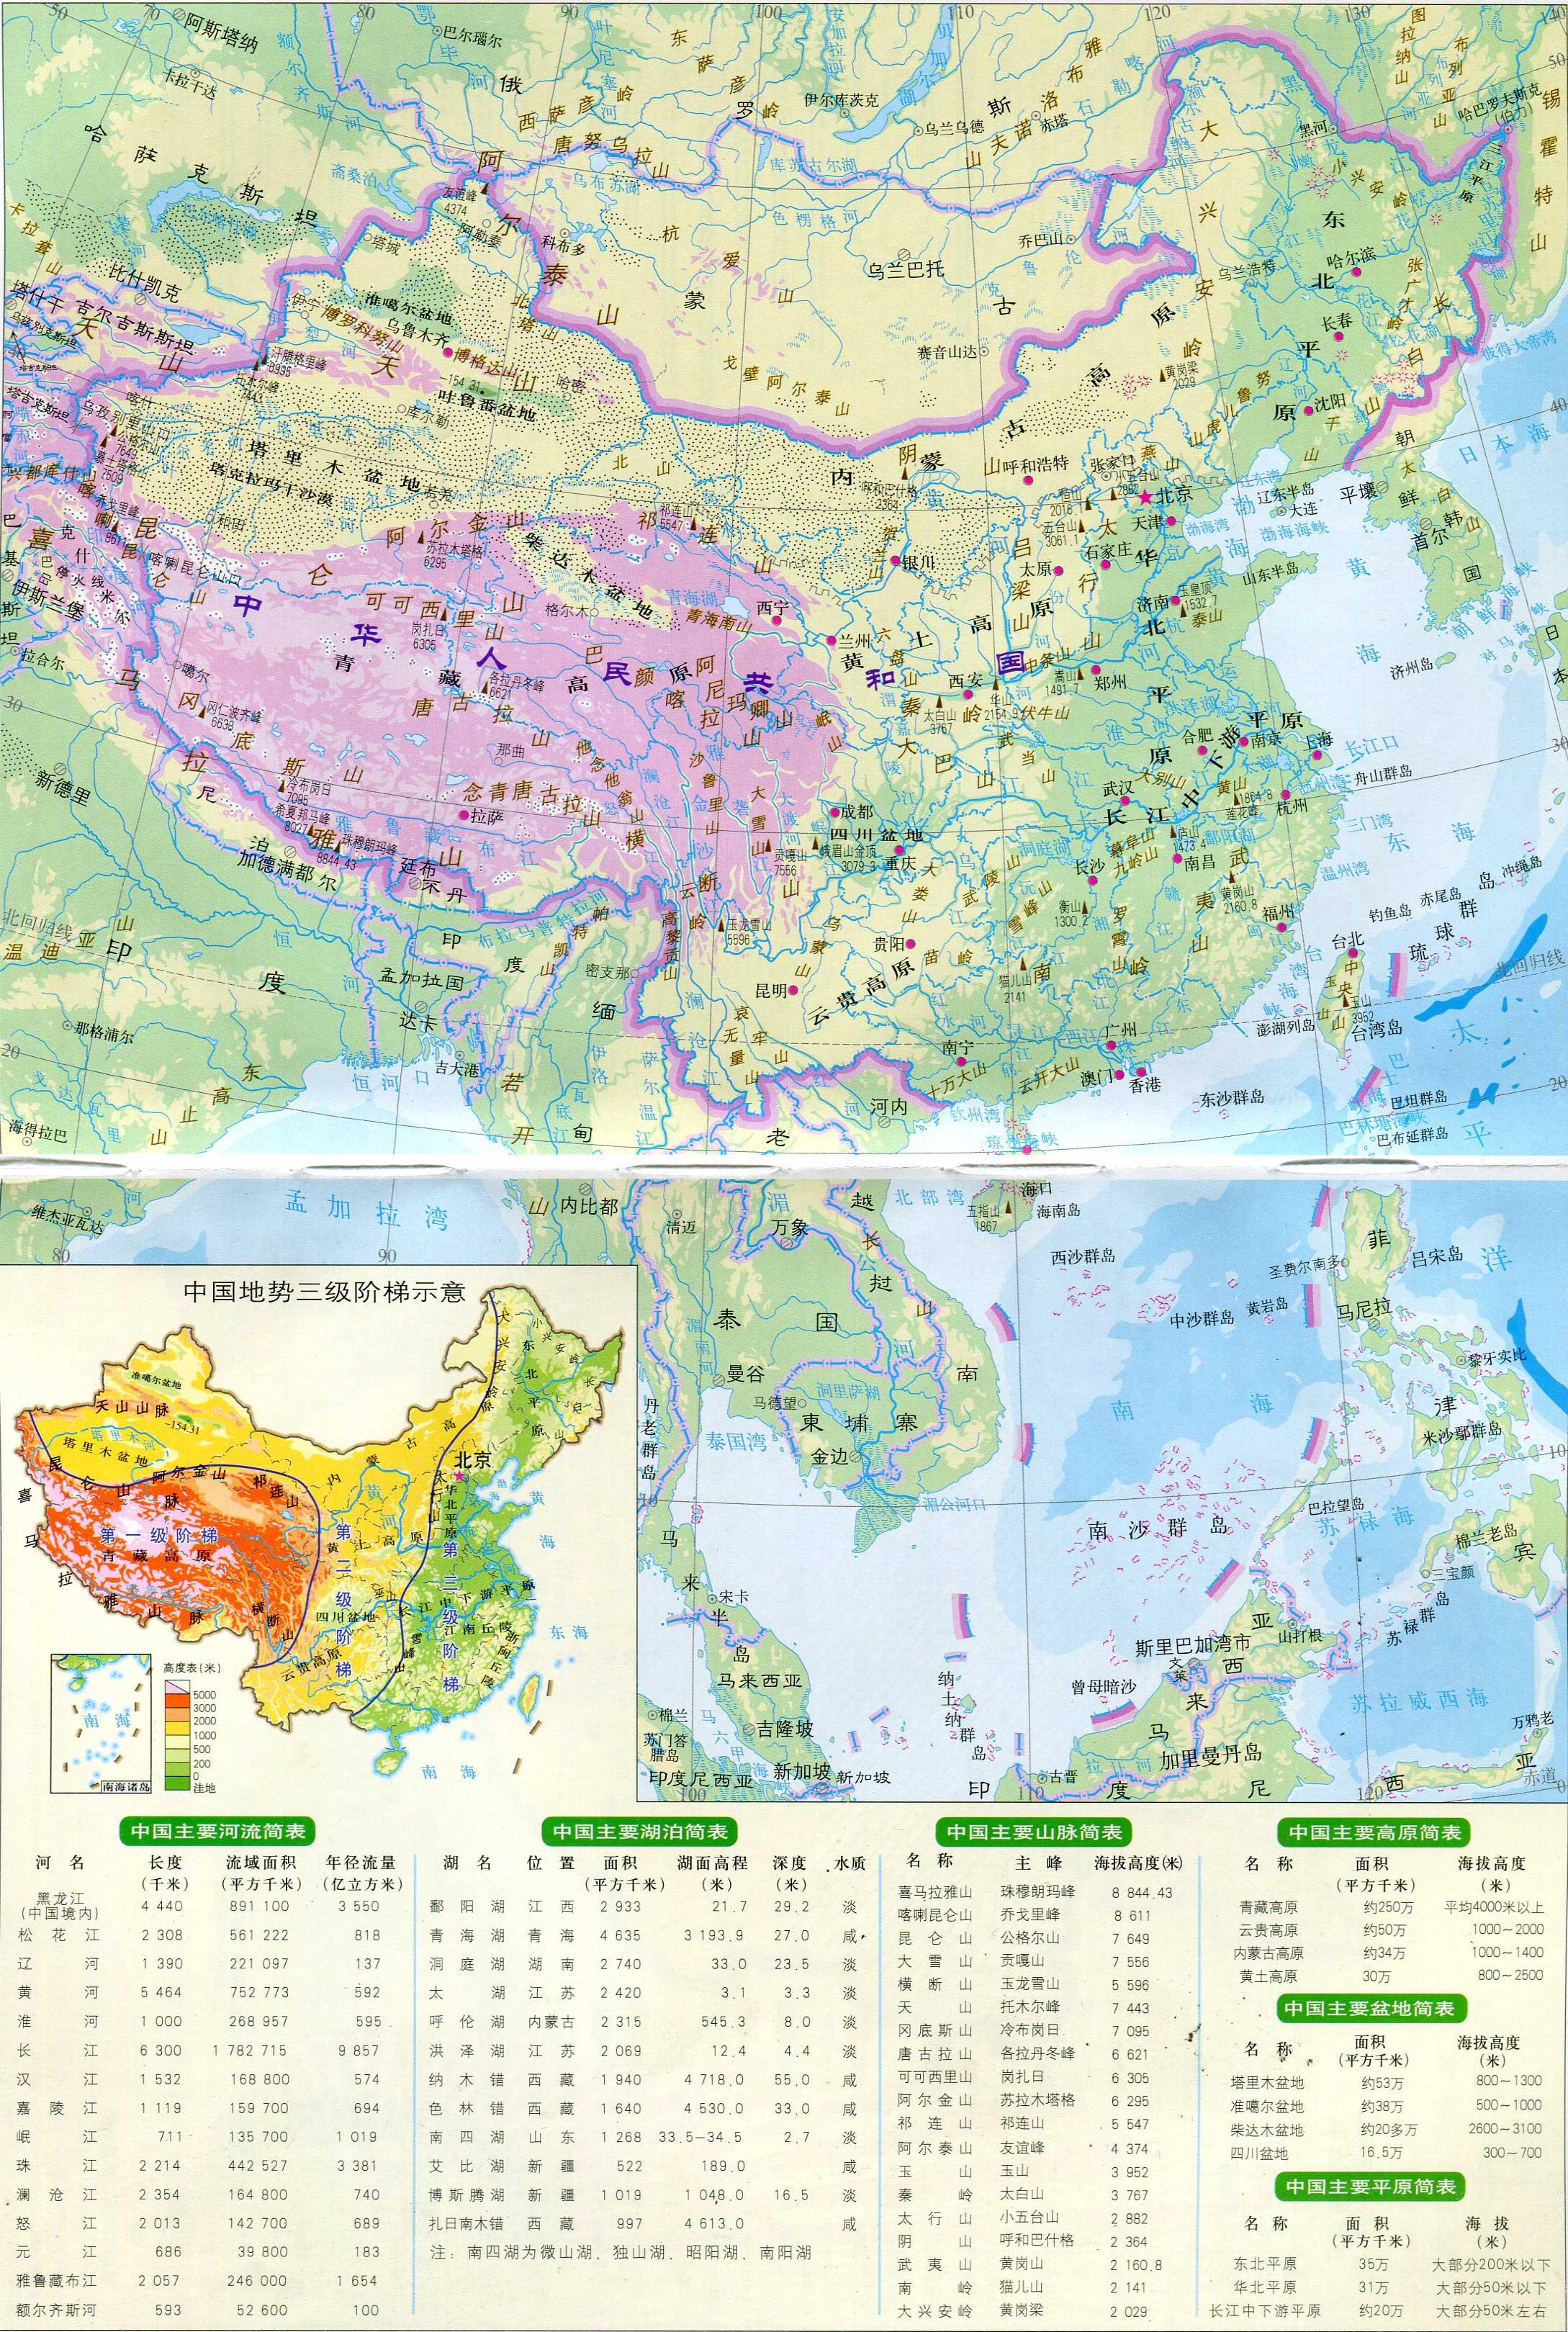 中国地形【审图号:GS(2009)183号】-中国地图